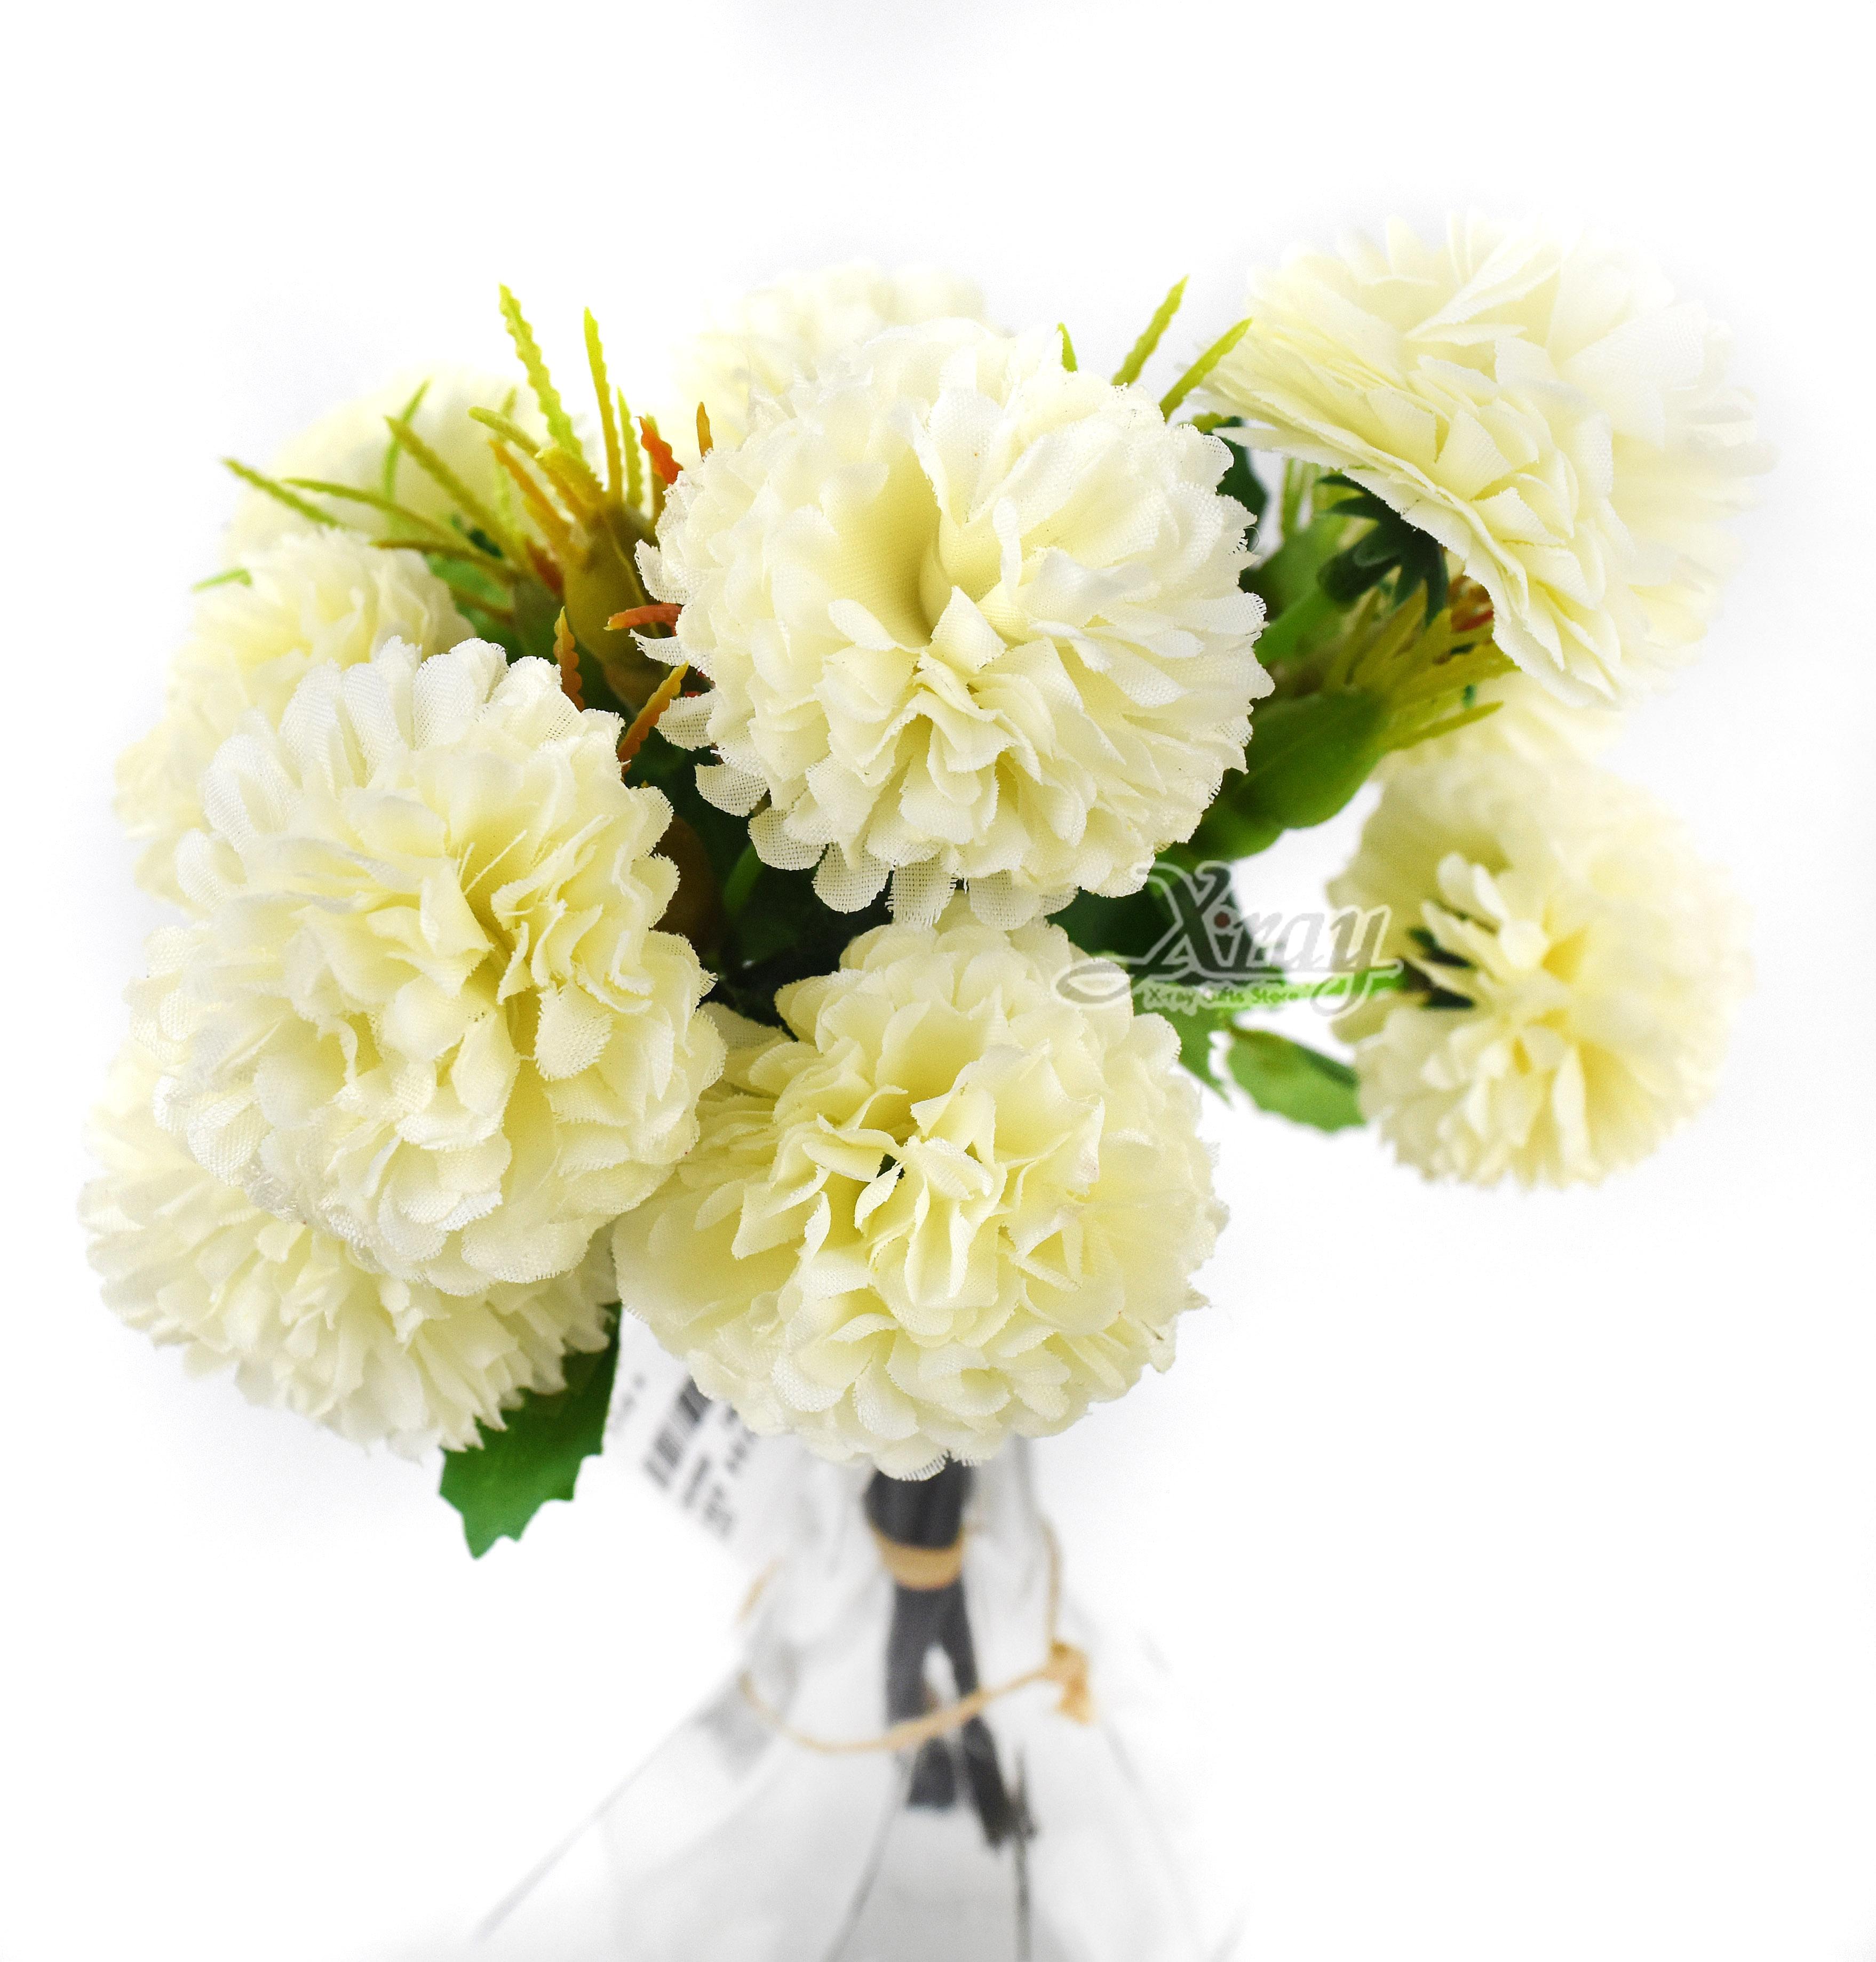 X射線【Y039080】乒乓菊-白,仿真花 人造花  家飾 婚禮小物 佈置 裝飾 幼兒園 送禮  髮飾 活動佈置 花束 花園 陽台